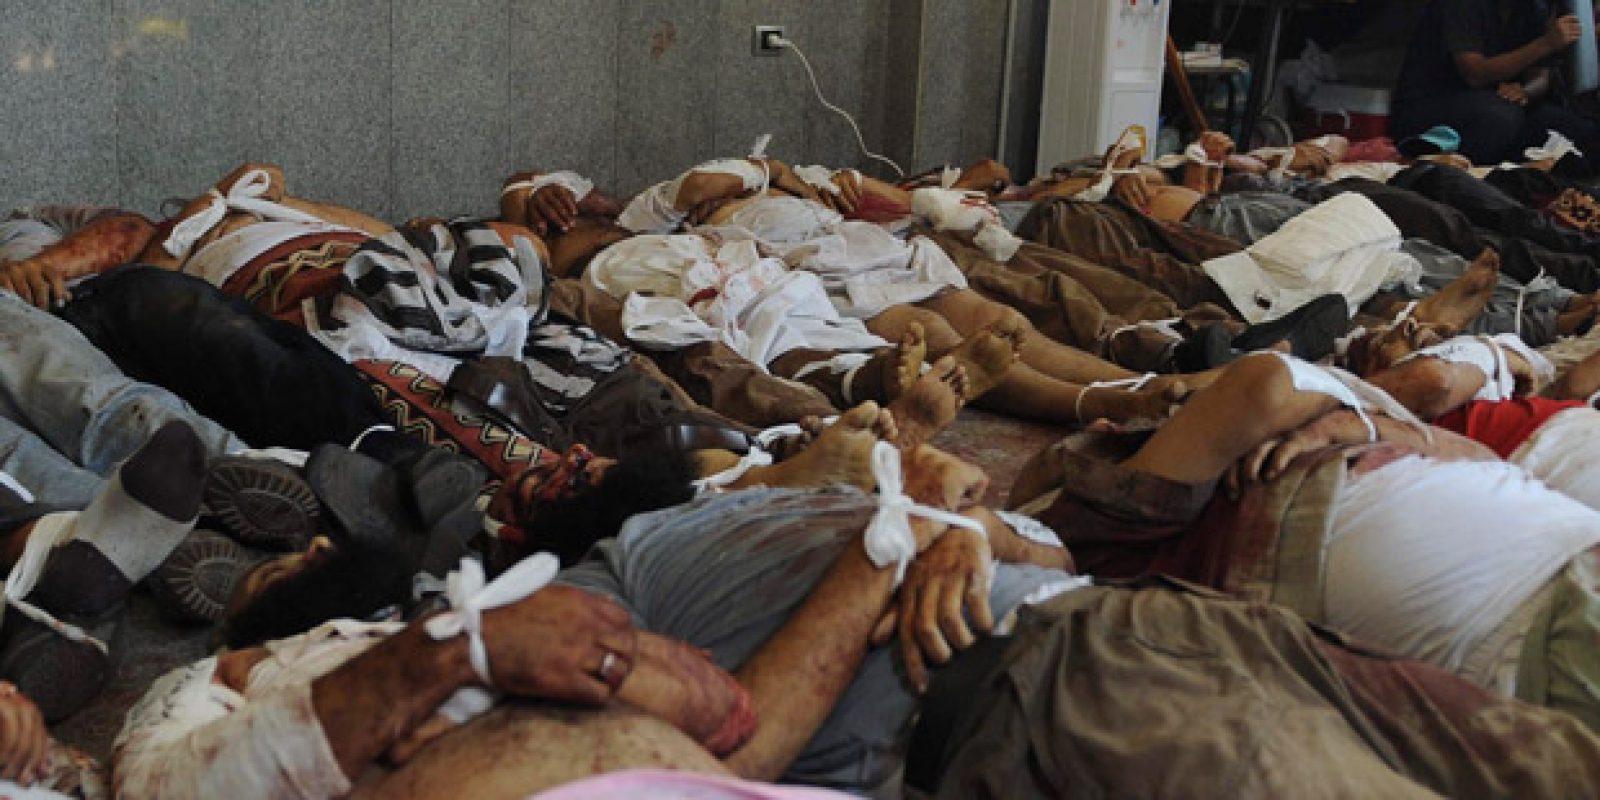 Forças de segurança egípcias usam violenta repressão para dispersar os partidários do presidente destituído Mohamed Mursi. Sala é transformada em necrotério para armezenar corpos de vítimas | Asmaa Waguih / Reuters